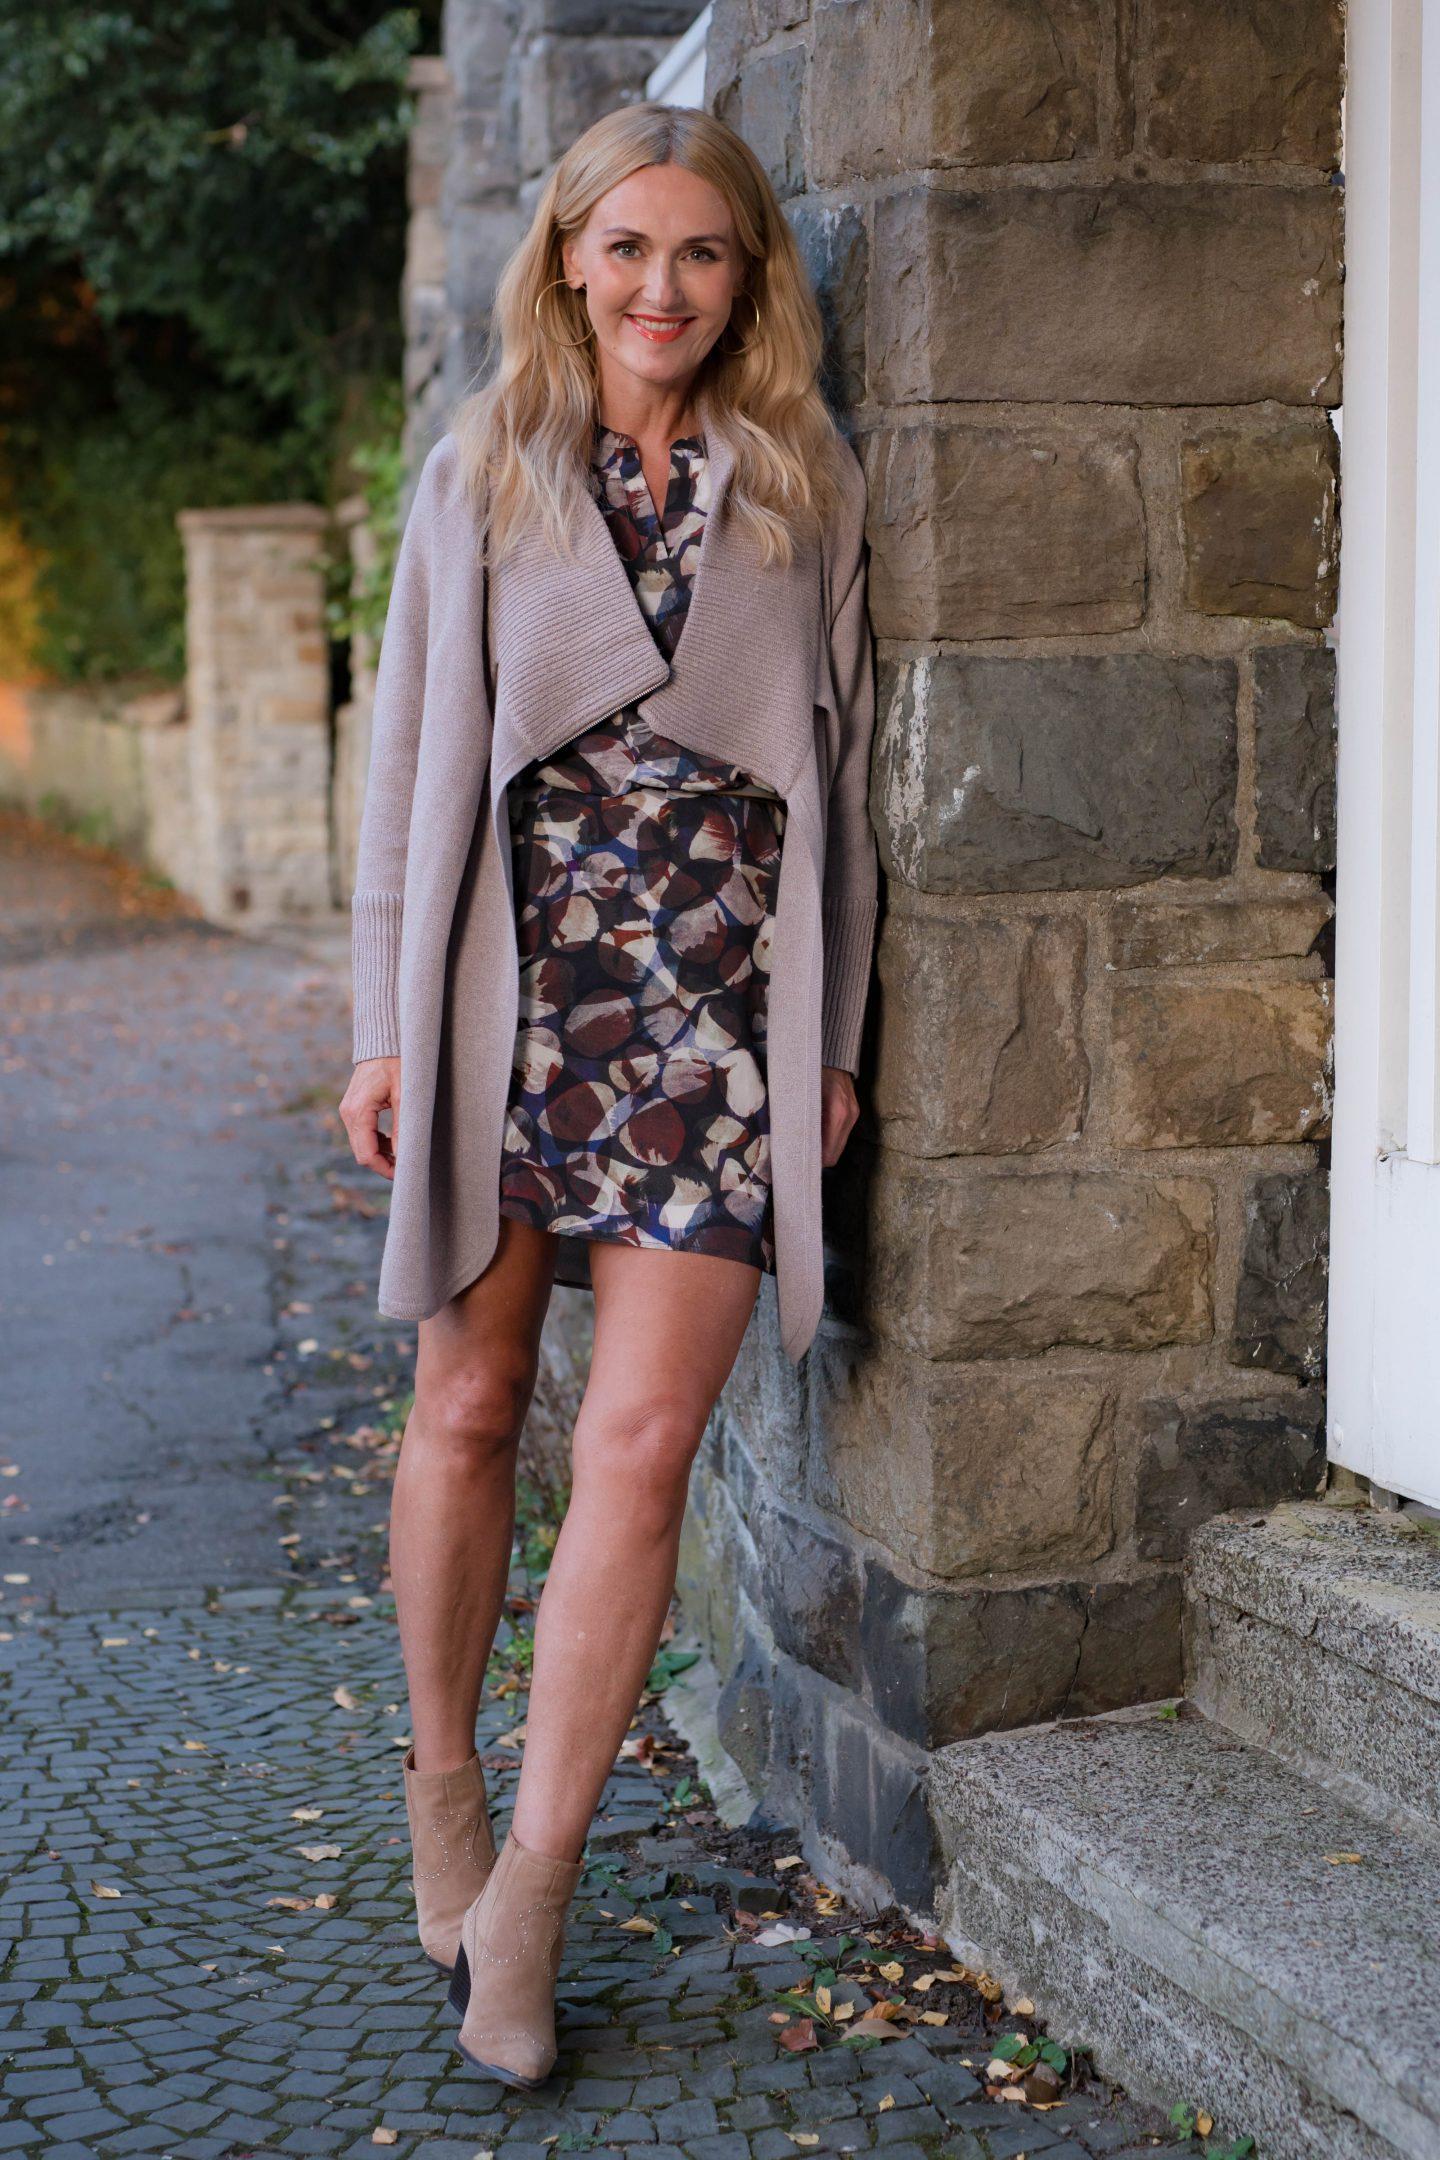 Nowshine im Kleid von Amy Vermont und Strickjacke von WENZ